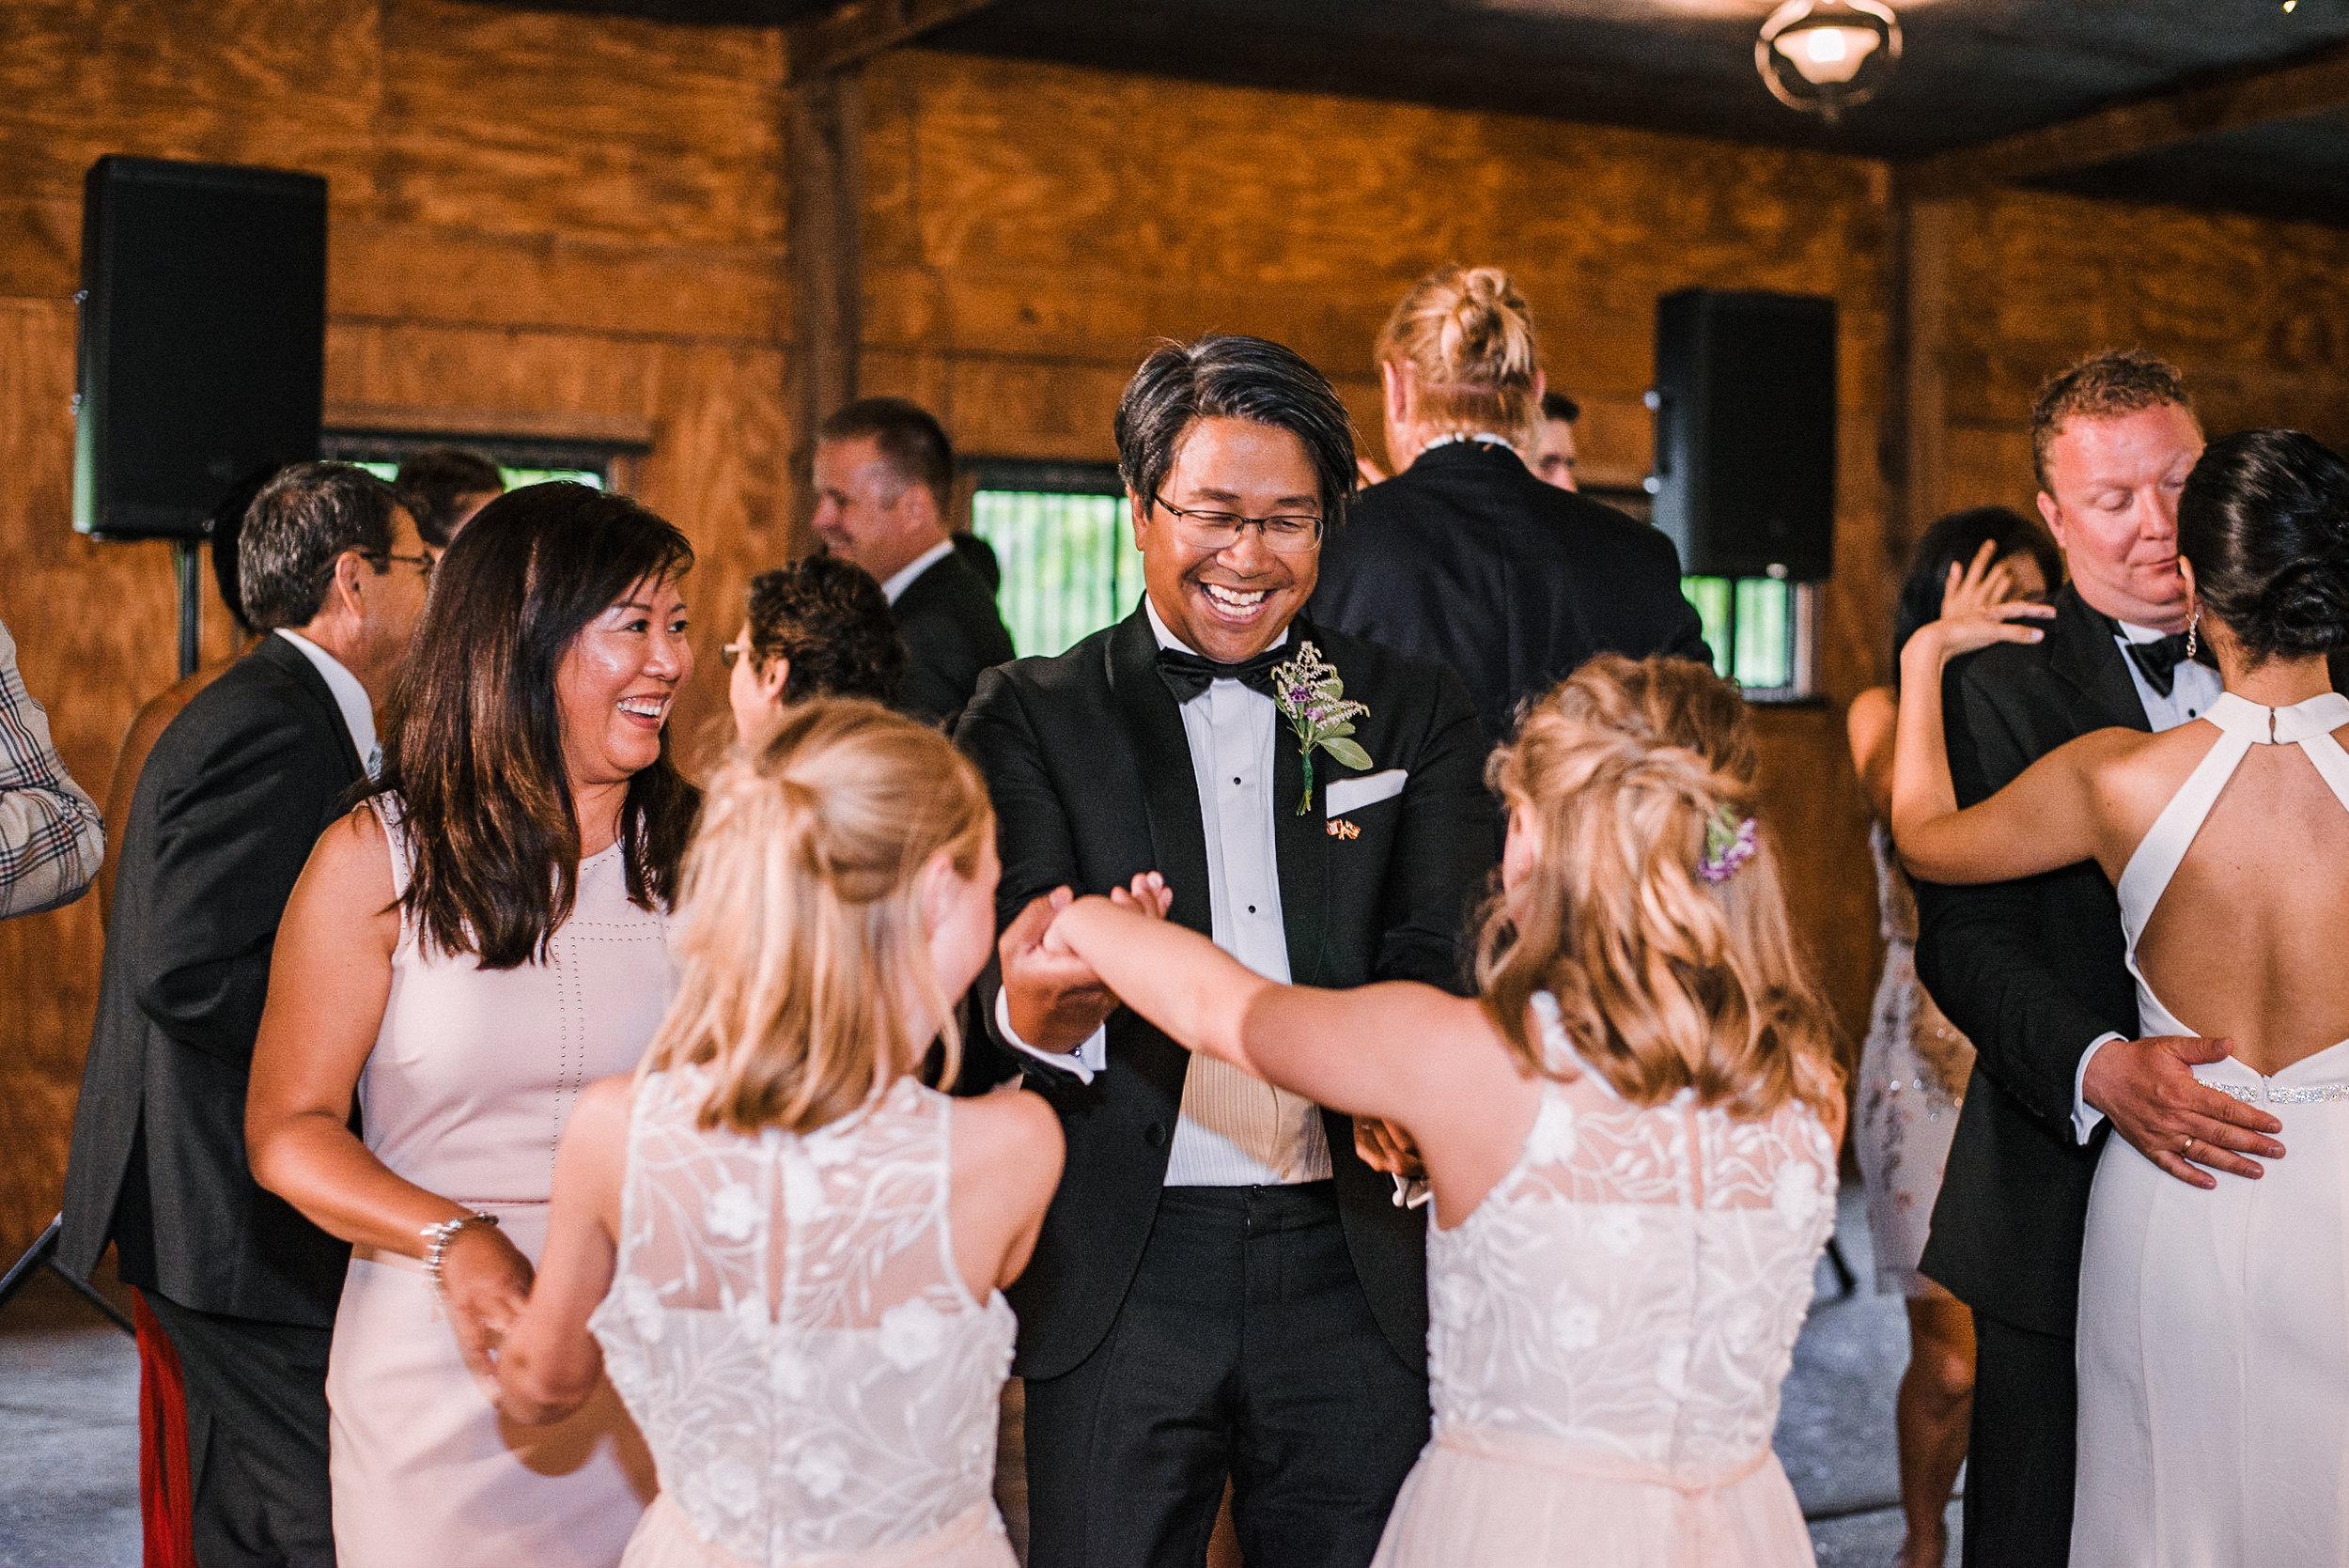 guests dancing at reception at Bluemont Vineyard